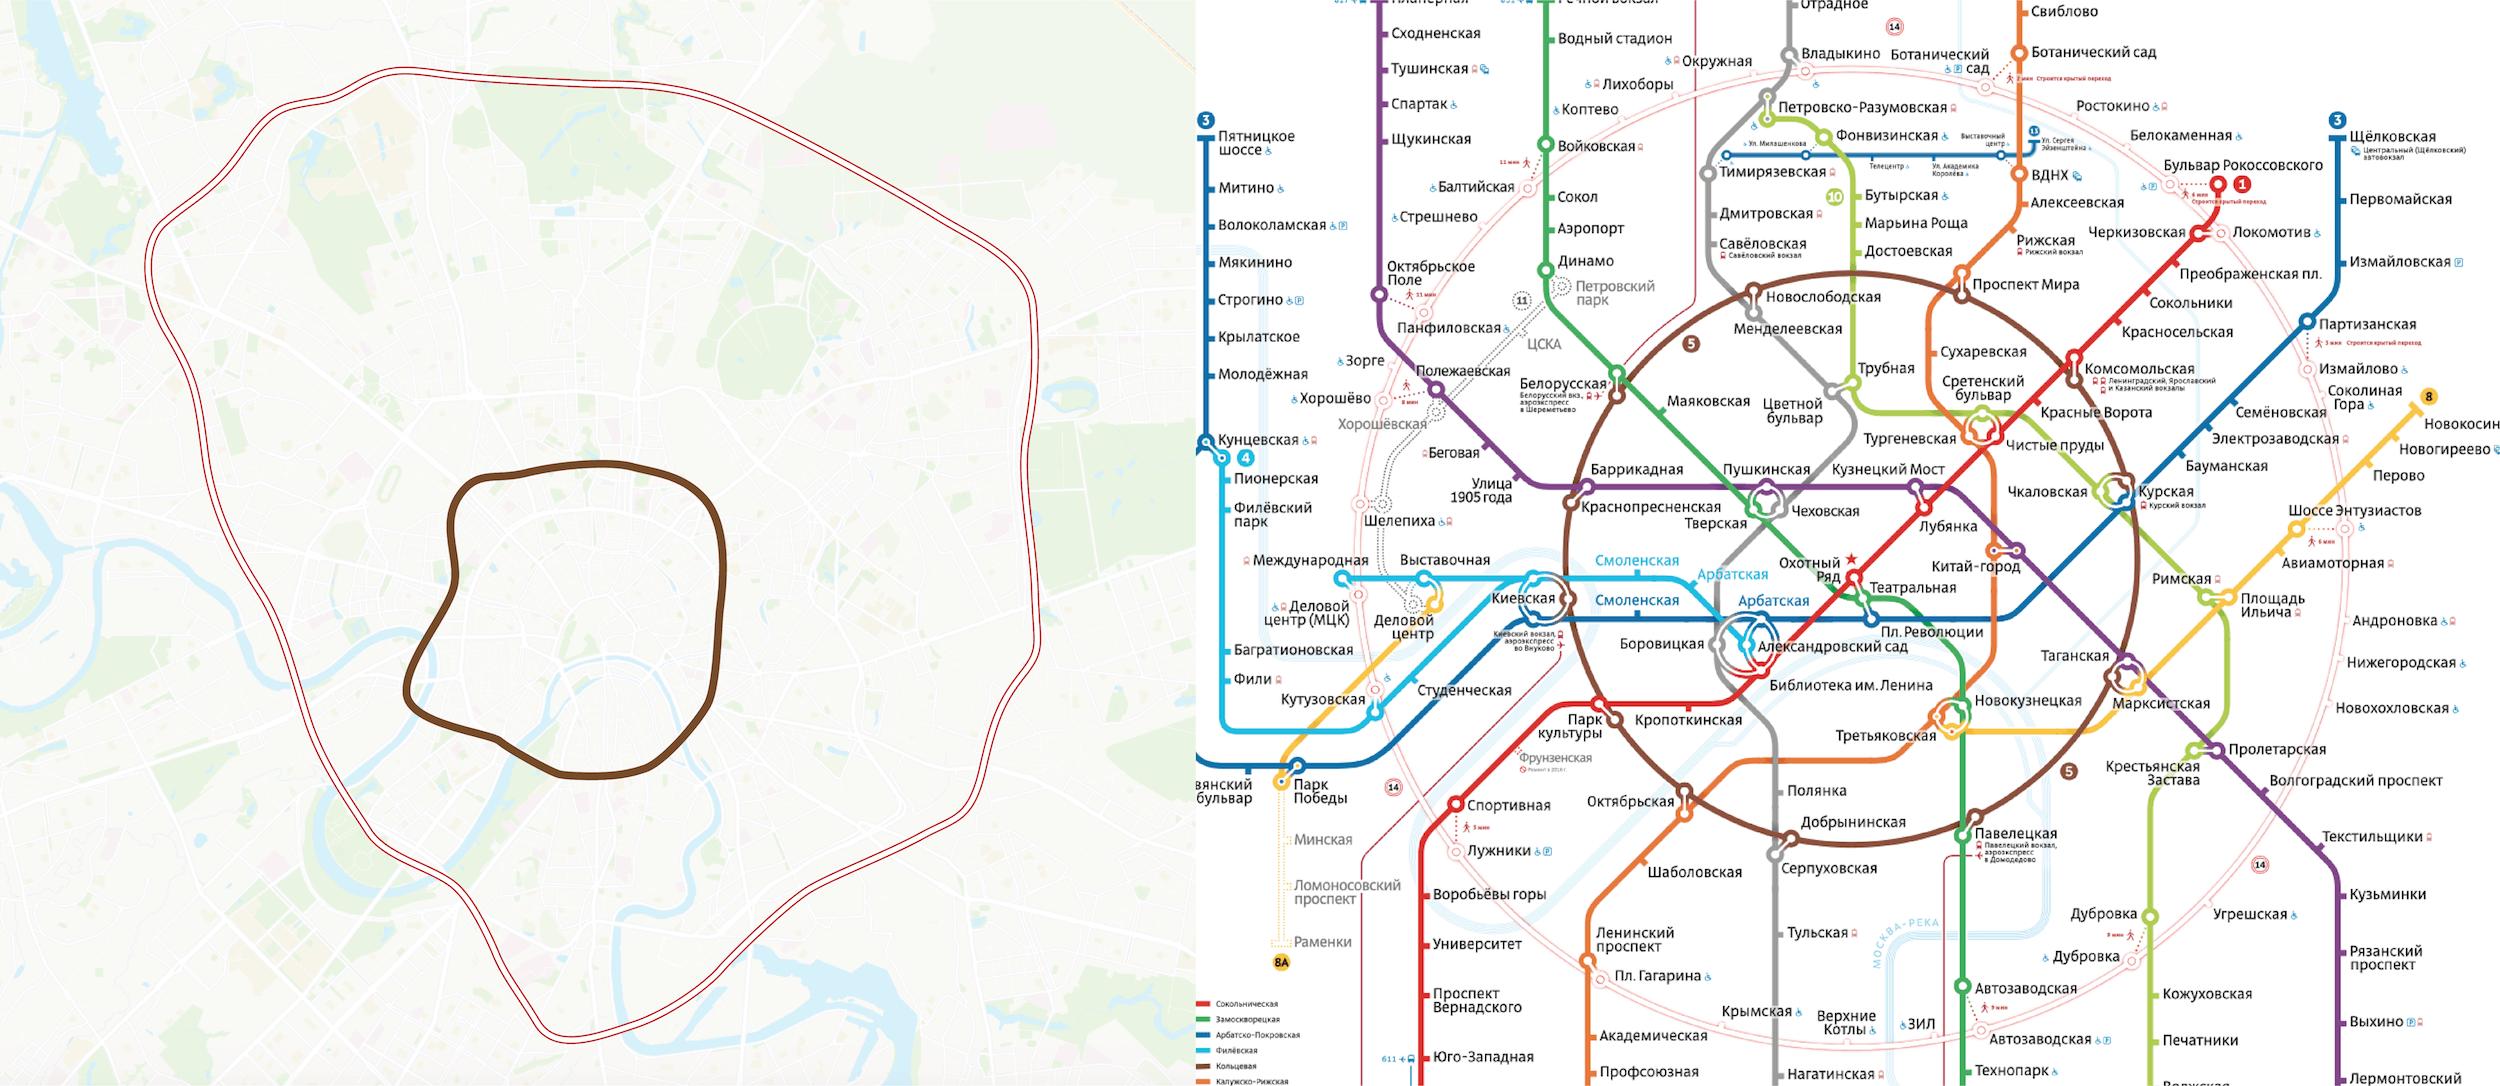 Paris Metro Map 2016.Paris Metro Map The Redesign Smashing Magazine